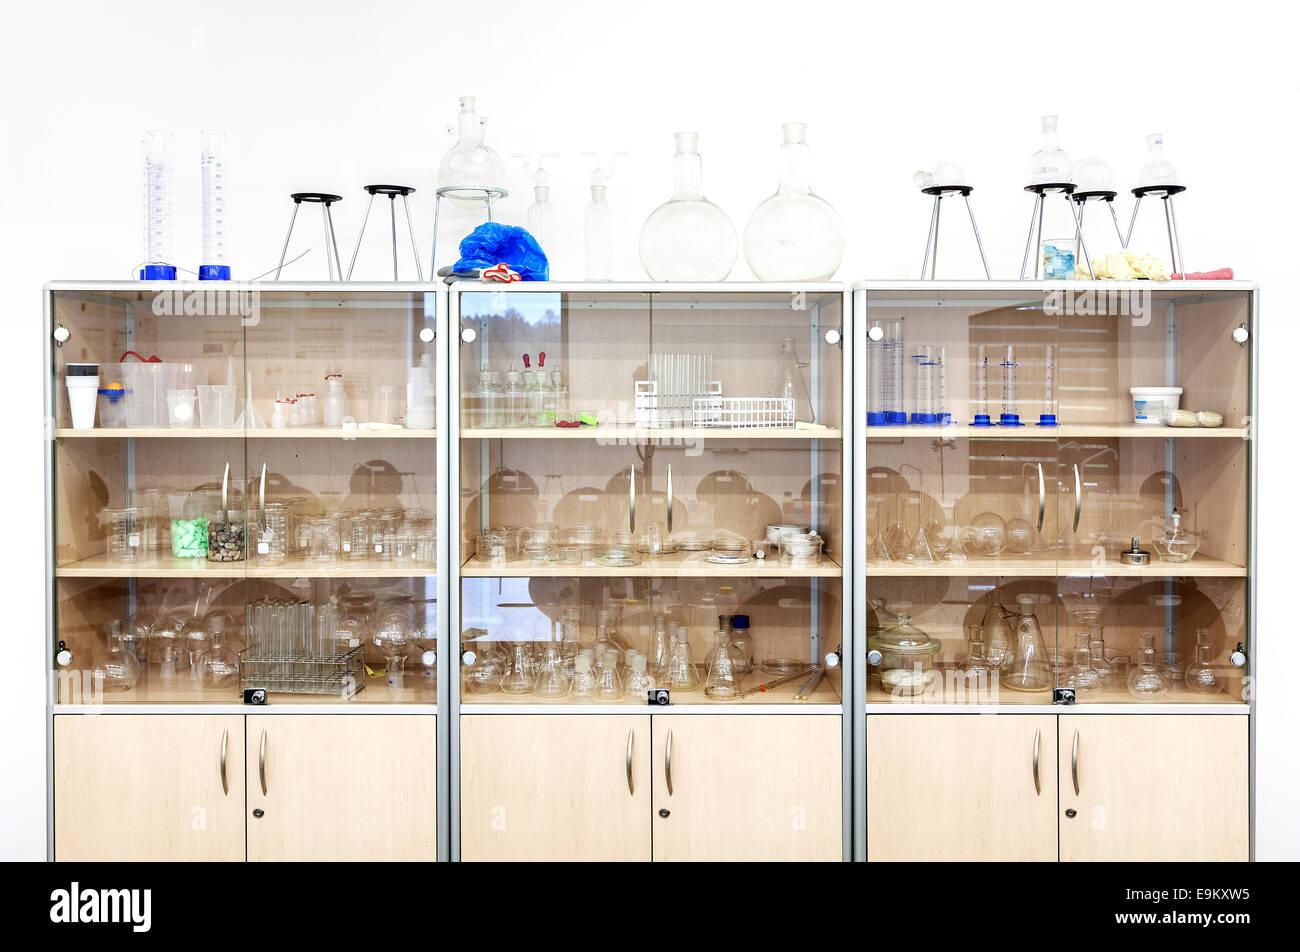 El material de vidrio de laboratorio y equipos diferentes en los estantes. Imagen De Stock